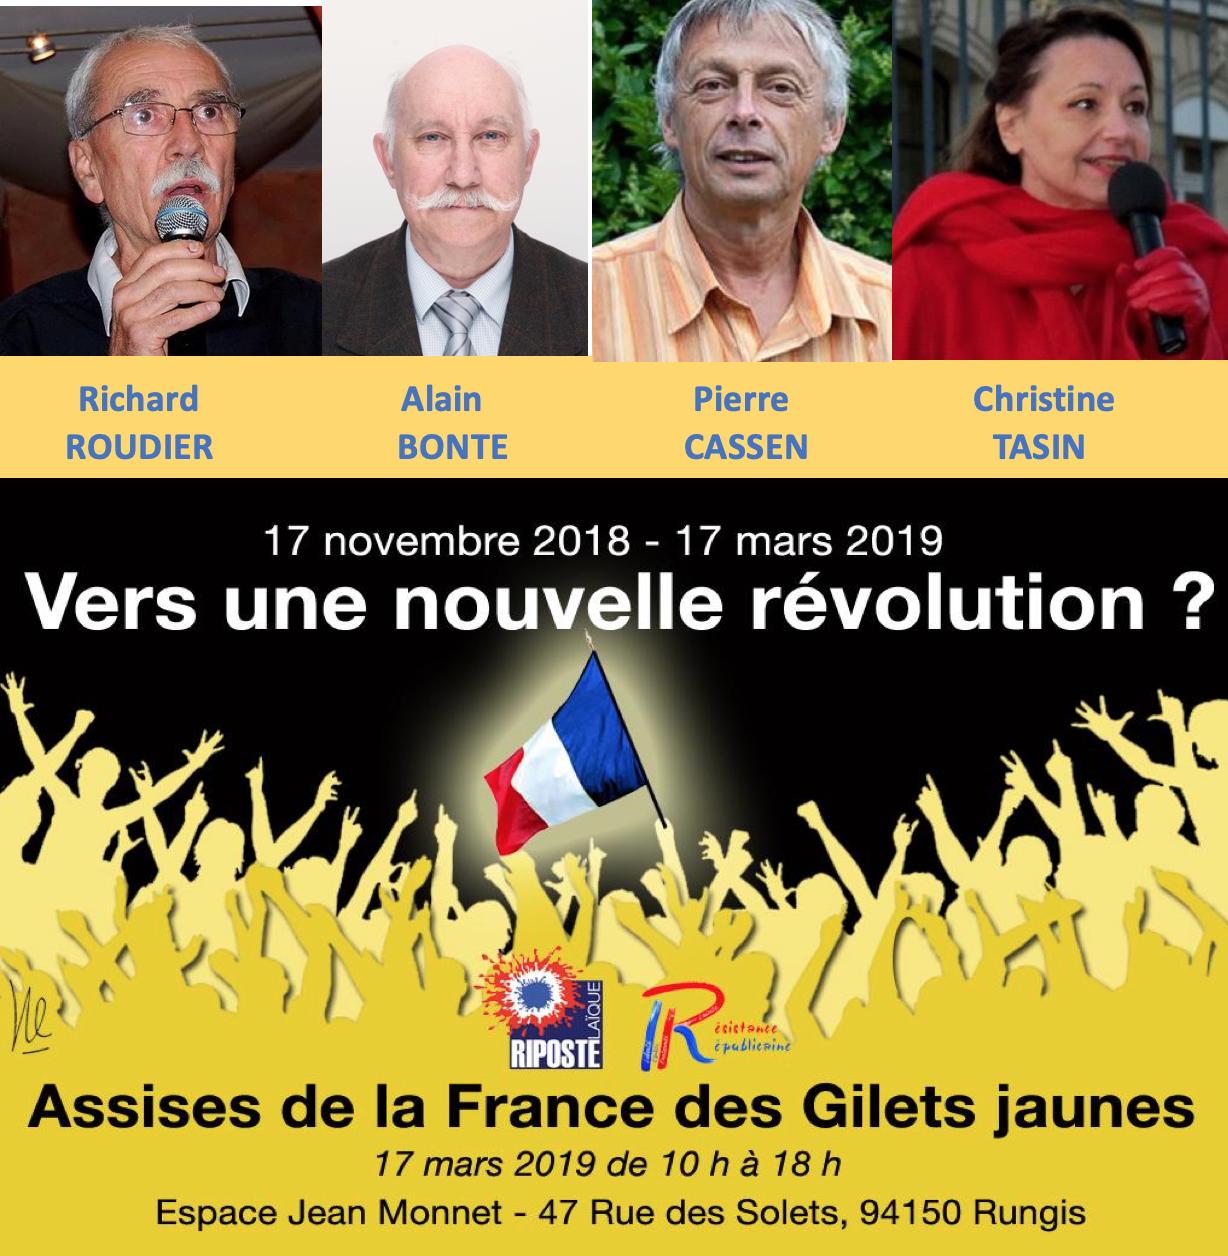 Le Major Alain Bonte et Richard Roudier prendront aussi la parole aux Assises du 17 mars